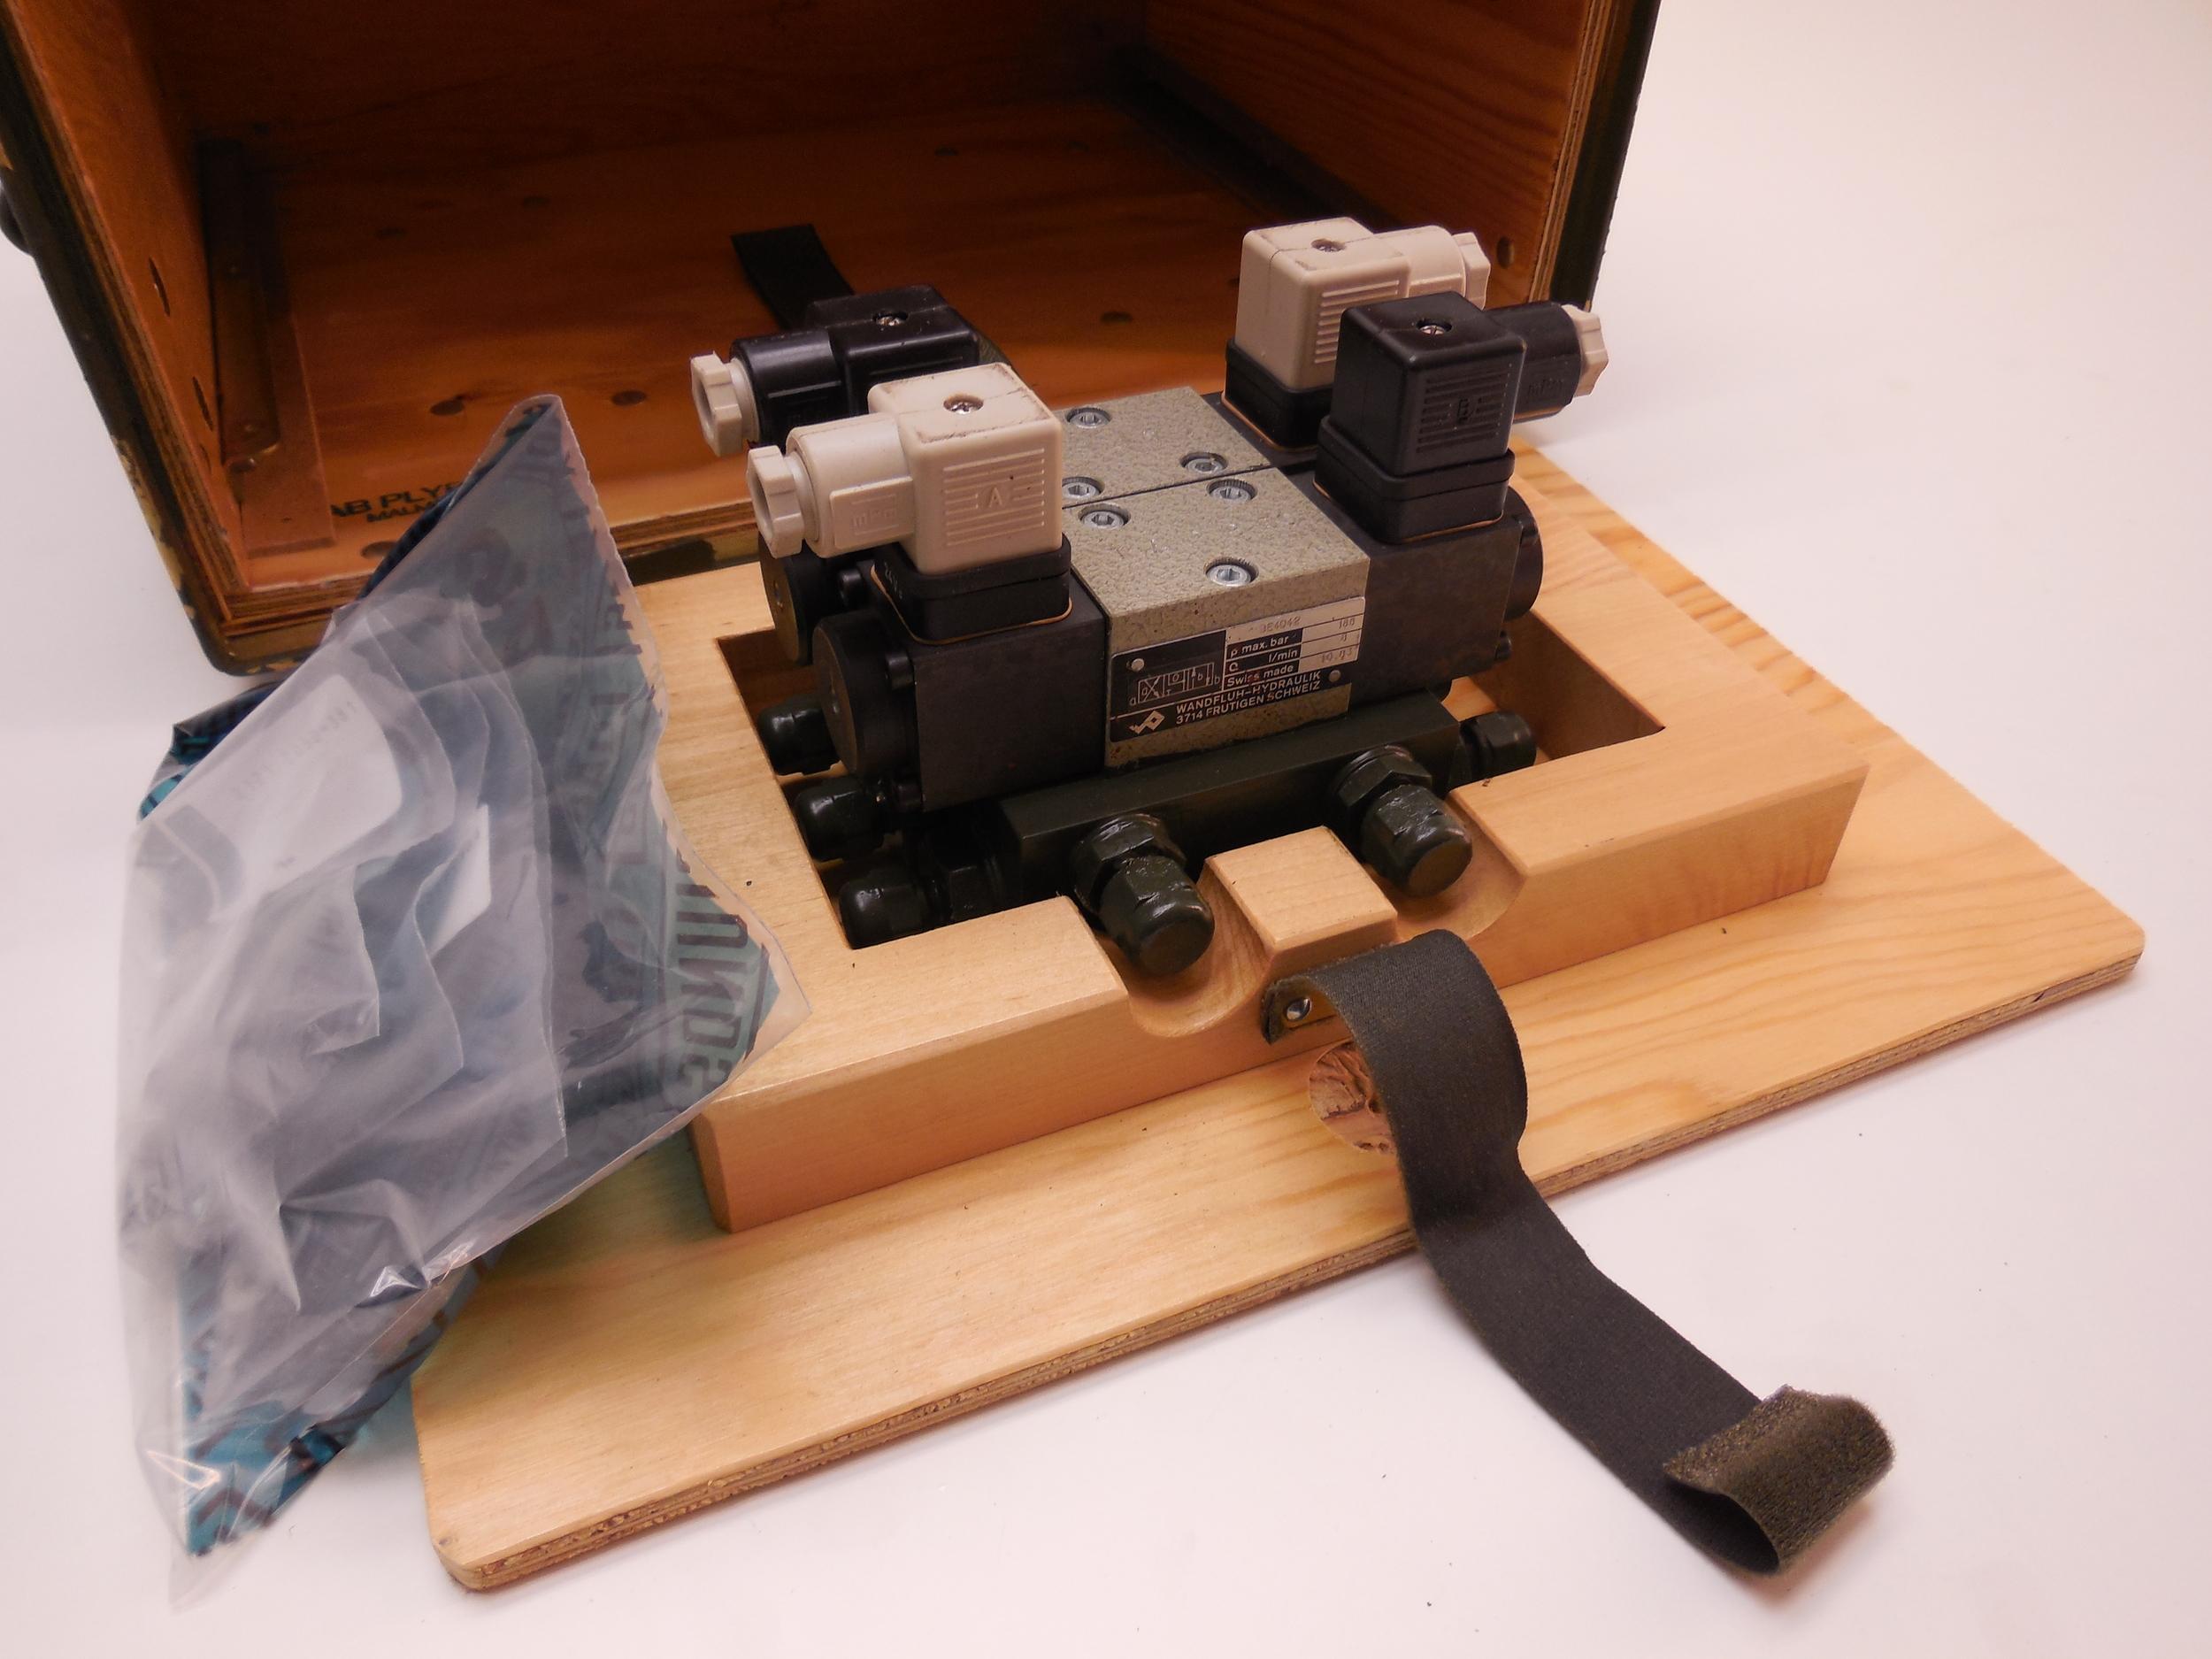 Hydraulic valve Häggo Nr: 253 6181-802 price: 3400 sek